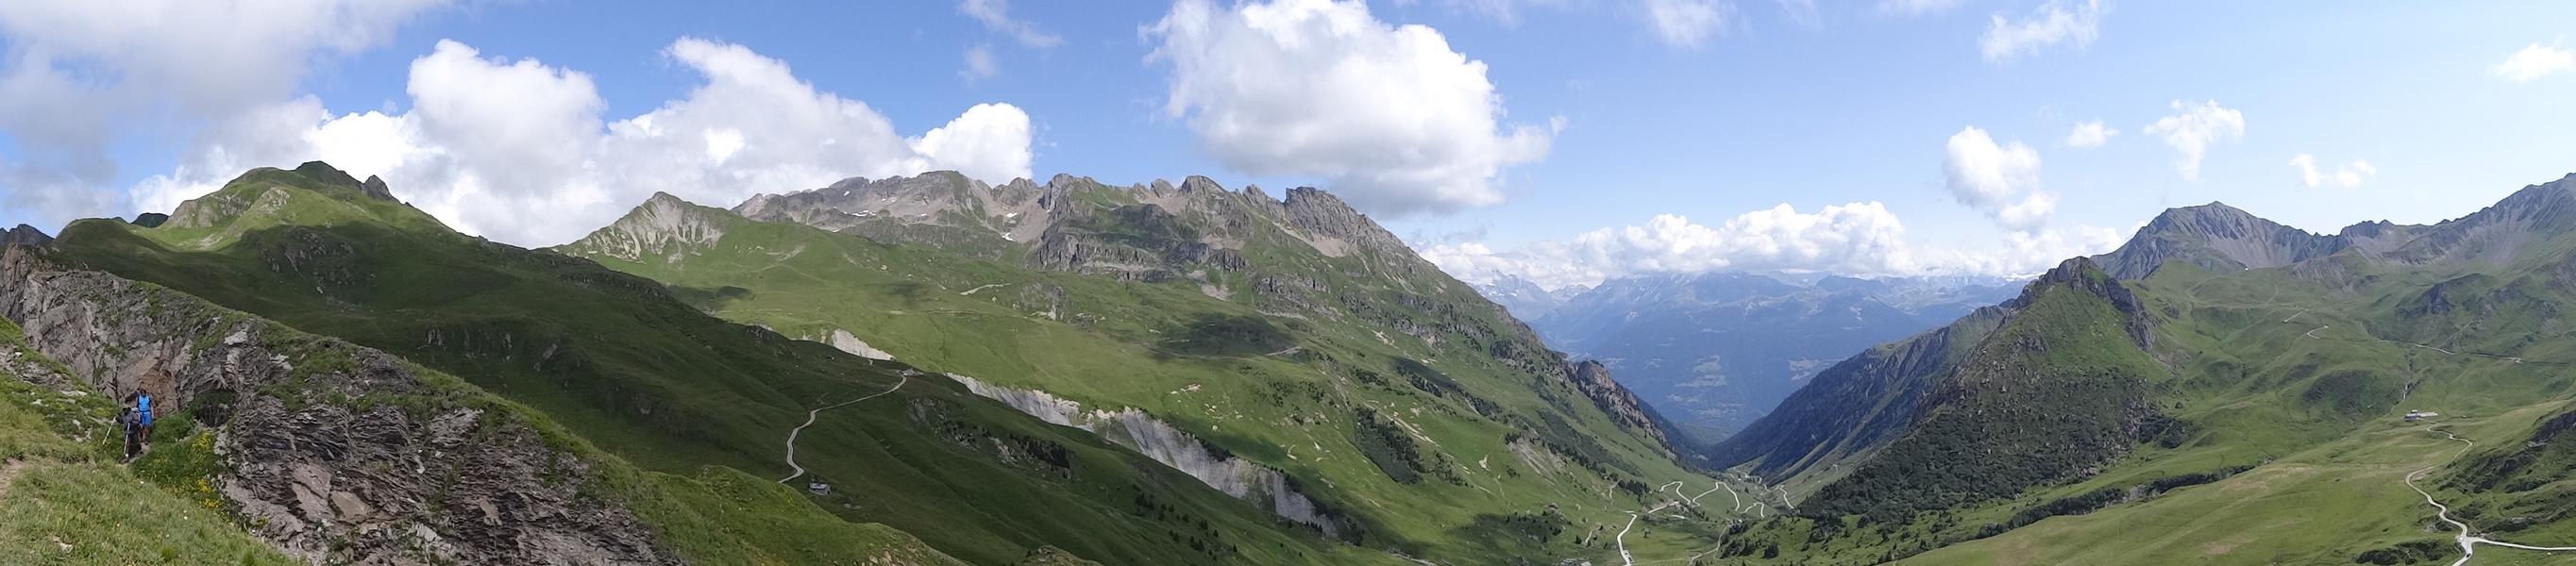 Depuis la Croix du Berger, vue sur la Crête de la Grande Paréi avec la Vallée de la Tarentaise au loin